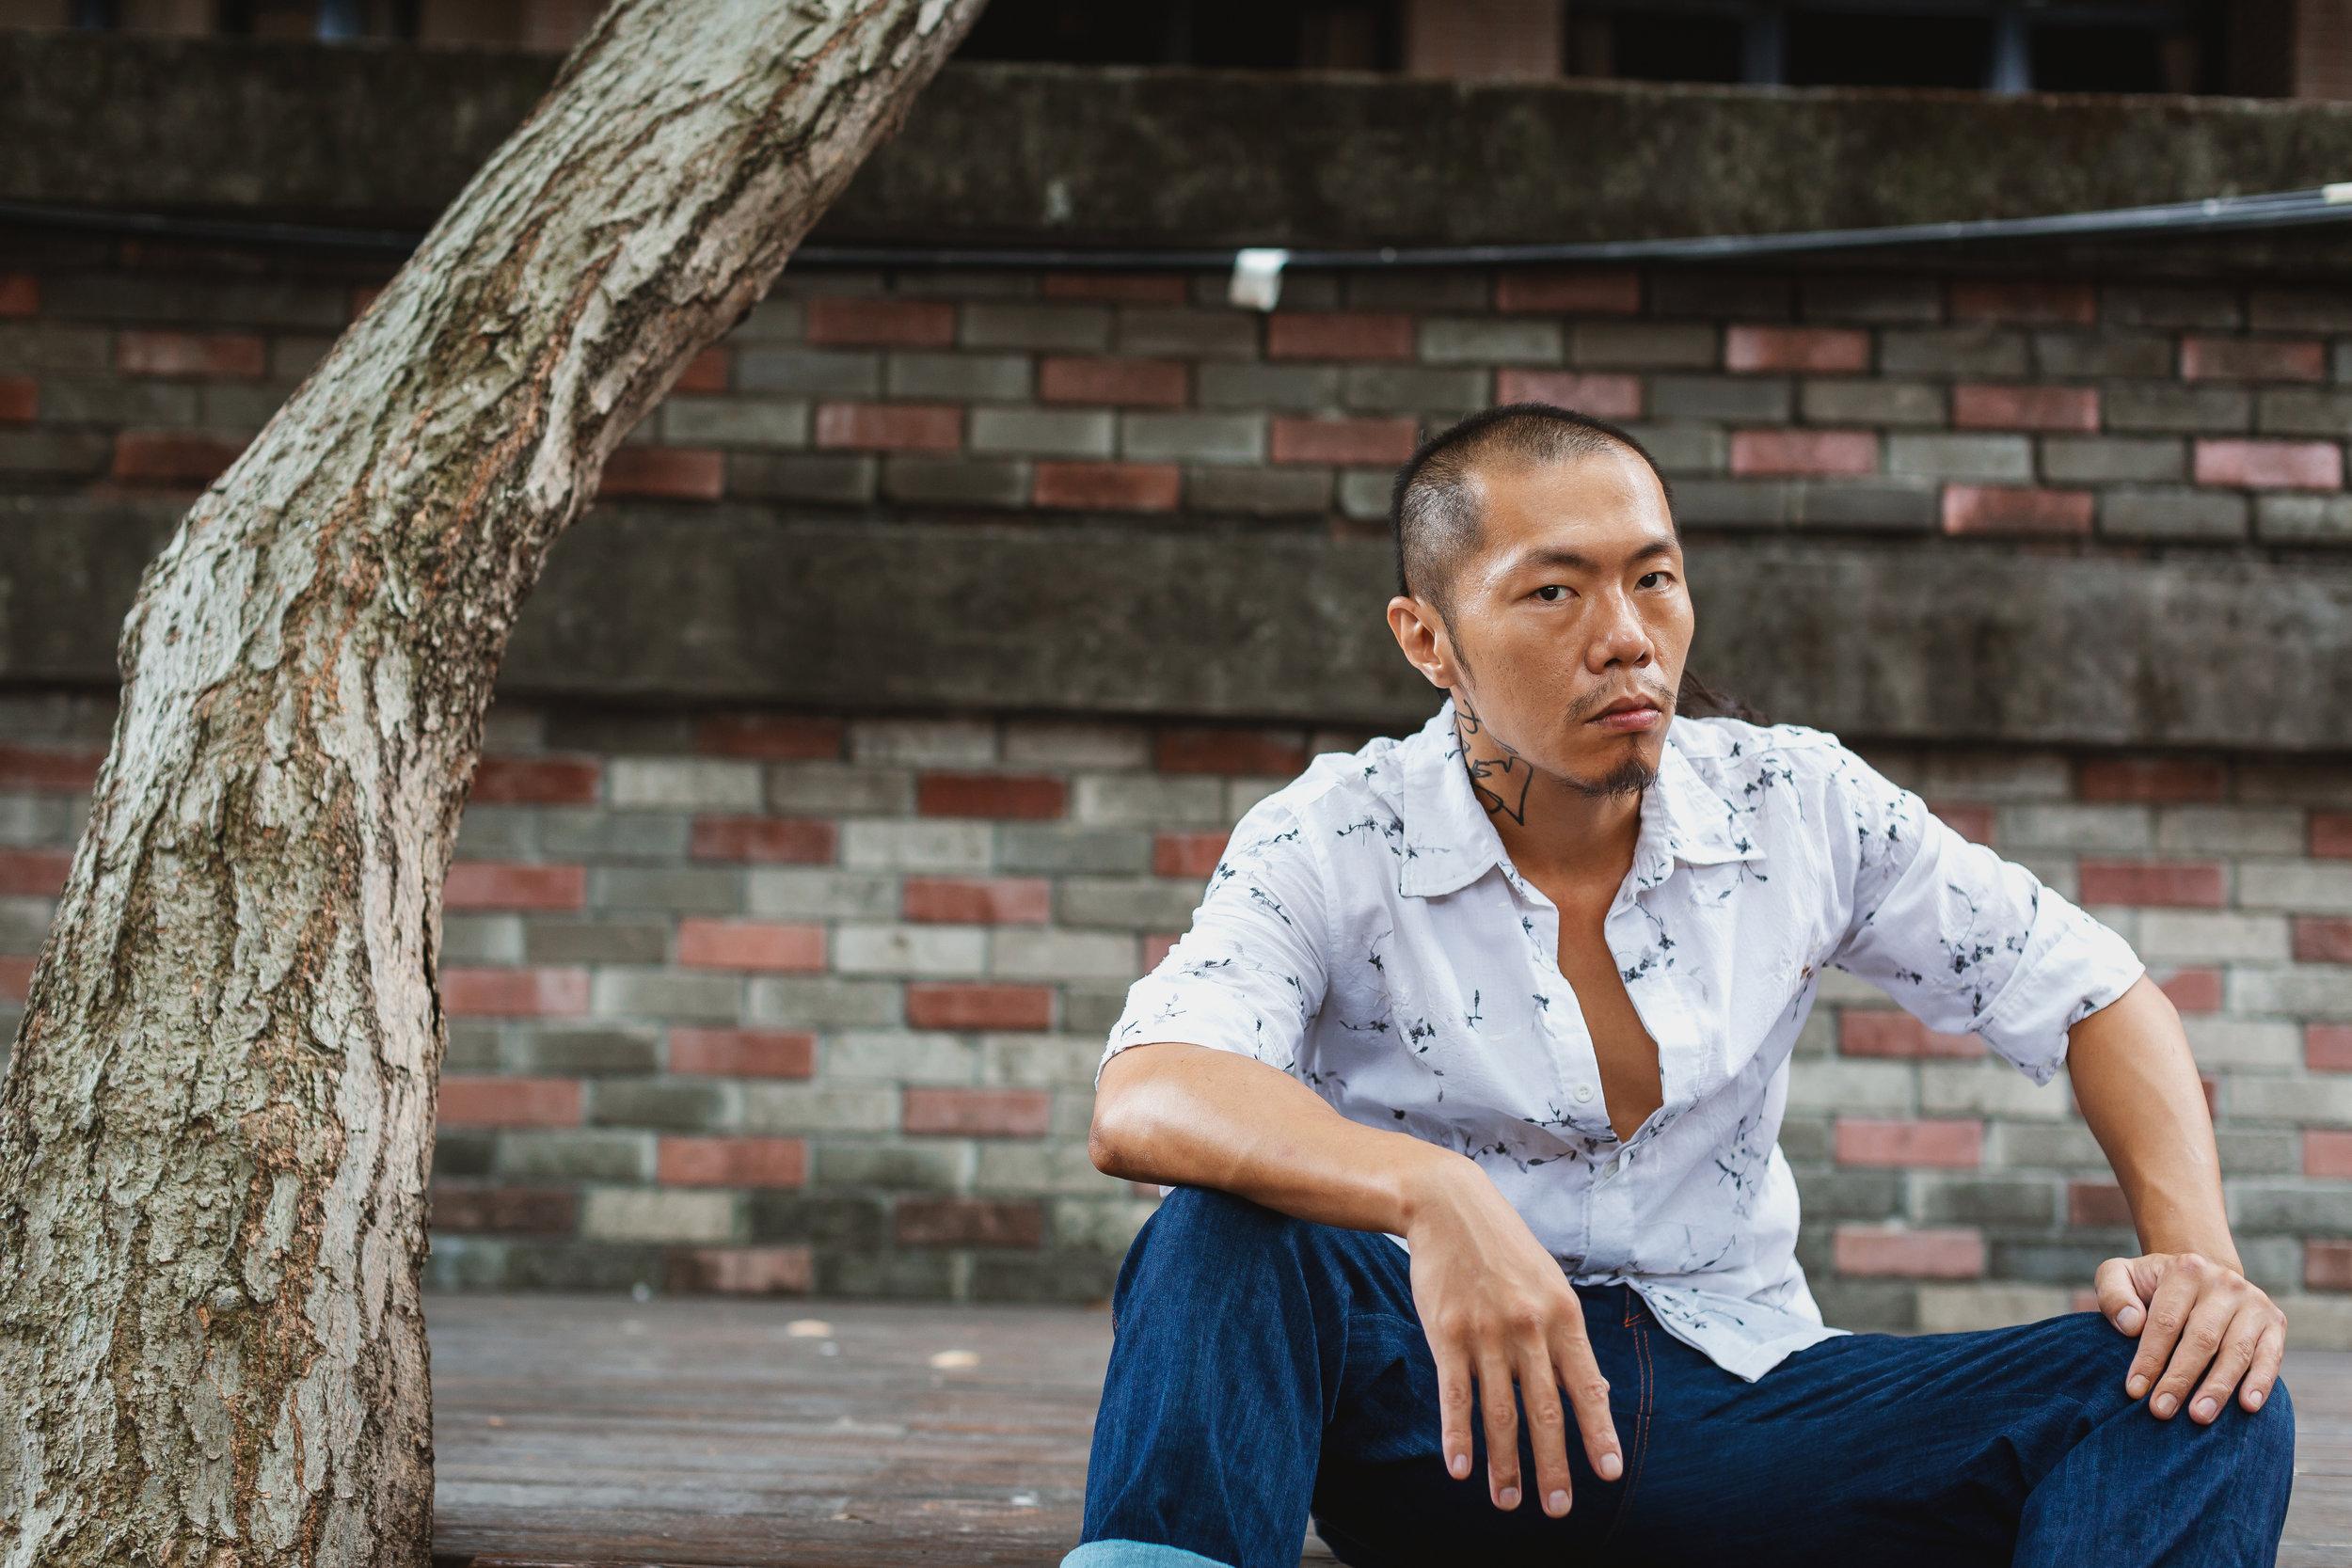 廖小子。擅于从平凡日常发掘创作灵感,赋予传统台湾文化元素全新形象。